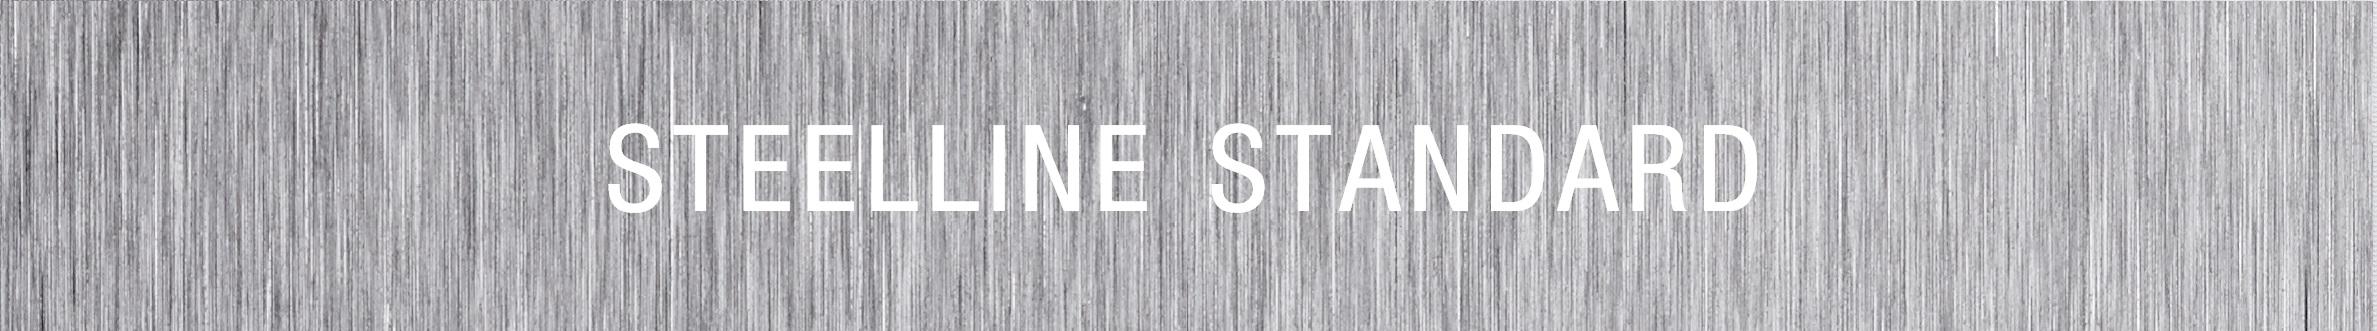 Steelline_Standard_Banner.jpg